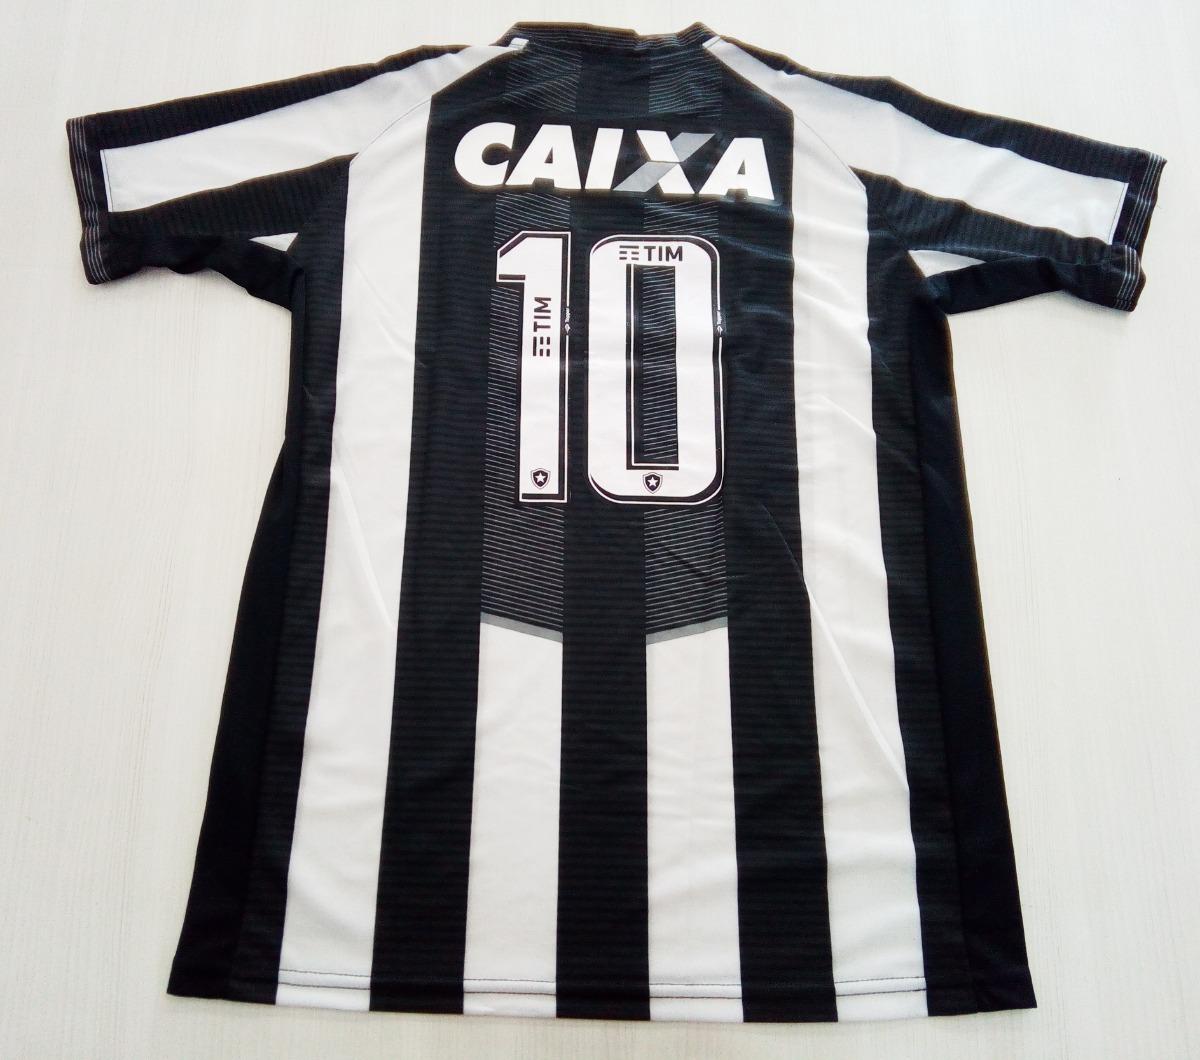 fe43e09a953a1 Camisa Botafogo 2018   2019 Supporter Torcedor Lançamento - R  78